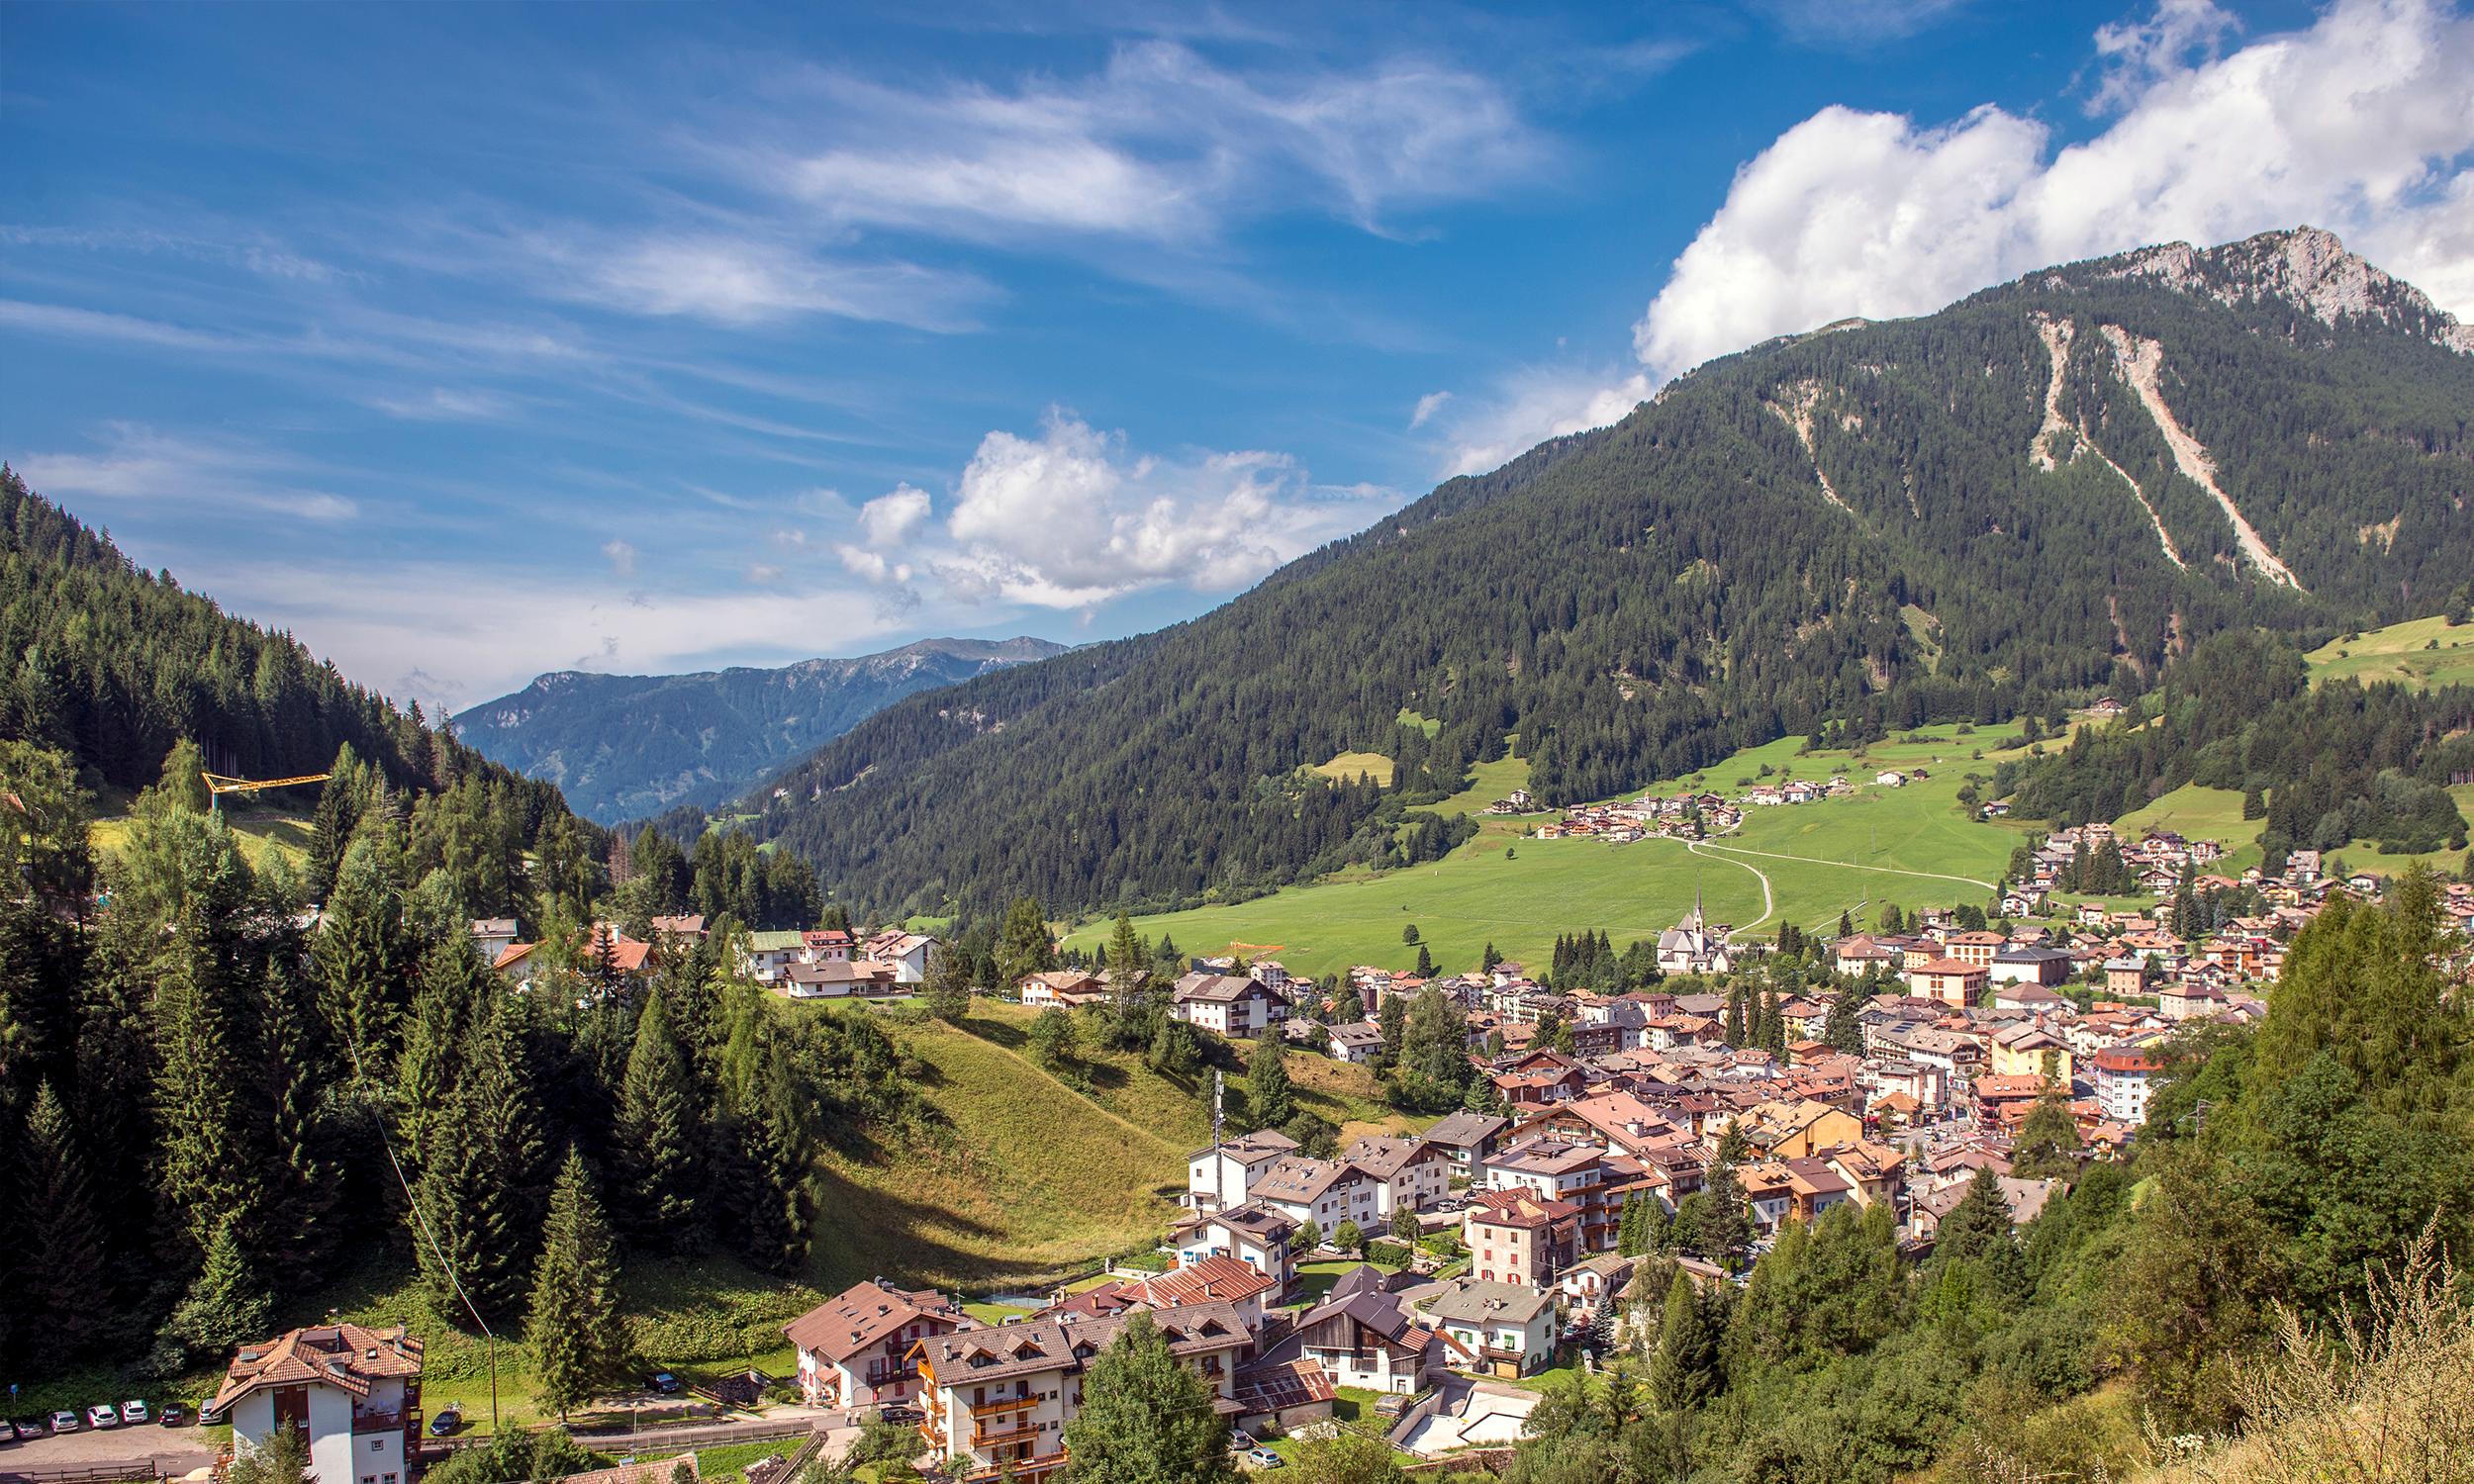 Hotel Moena Trentino - hotel alle alpi: la tua vacanza estate in montagna nel cuore delle Dolomiti